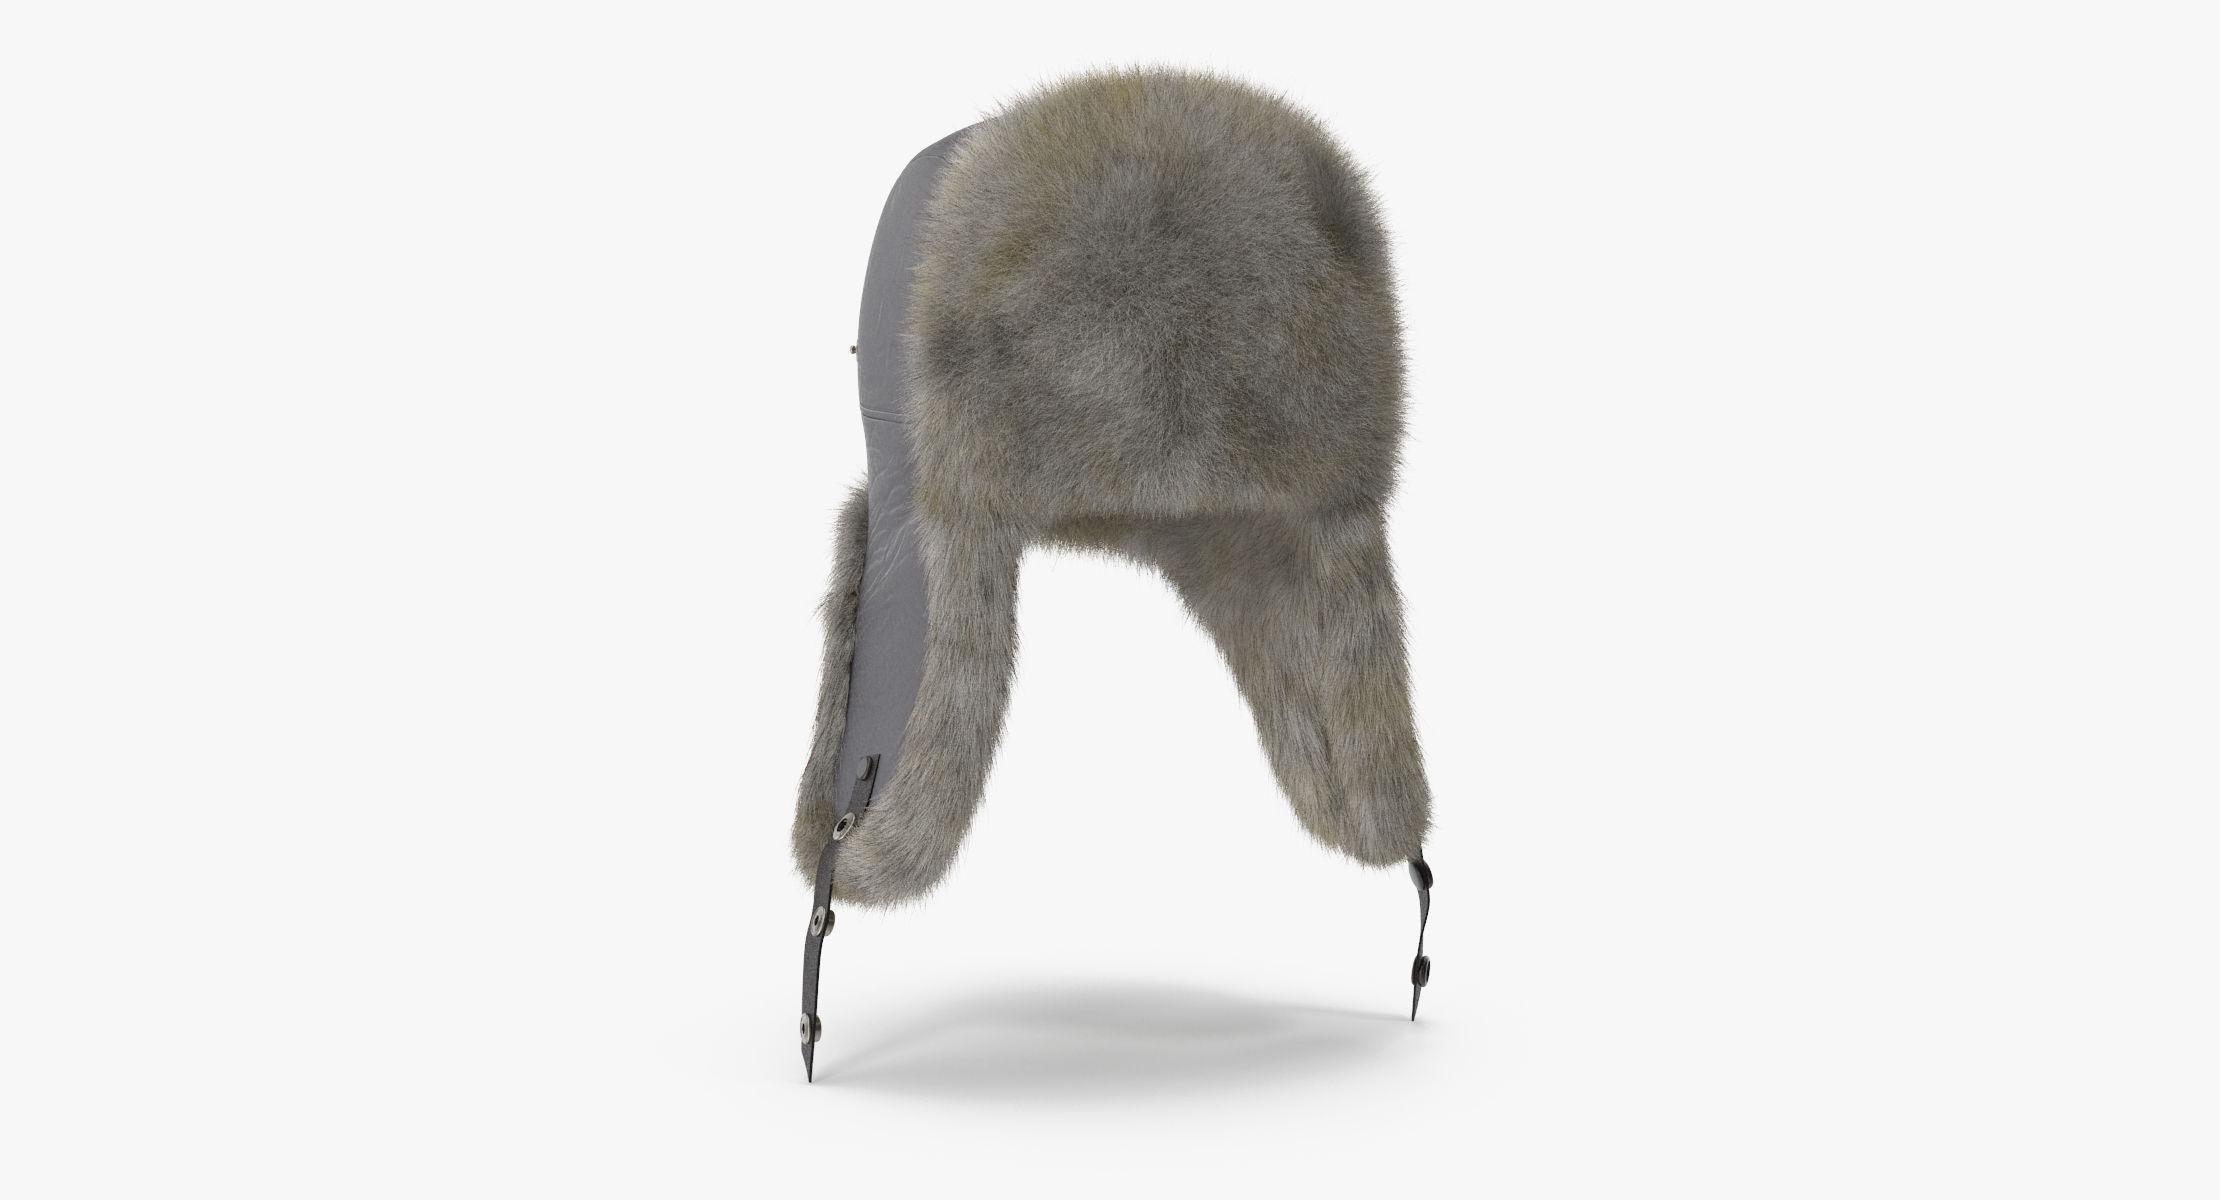 Winter Hat 03 Standing - reel 1